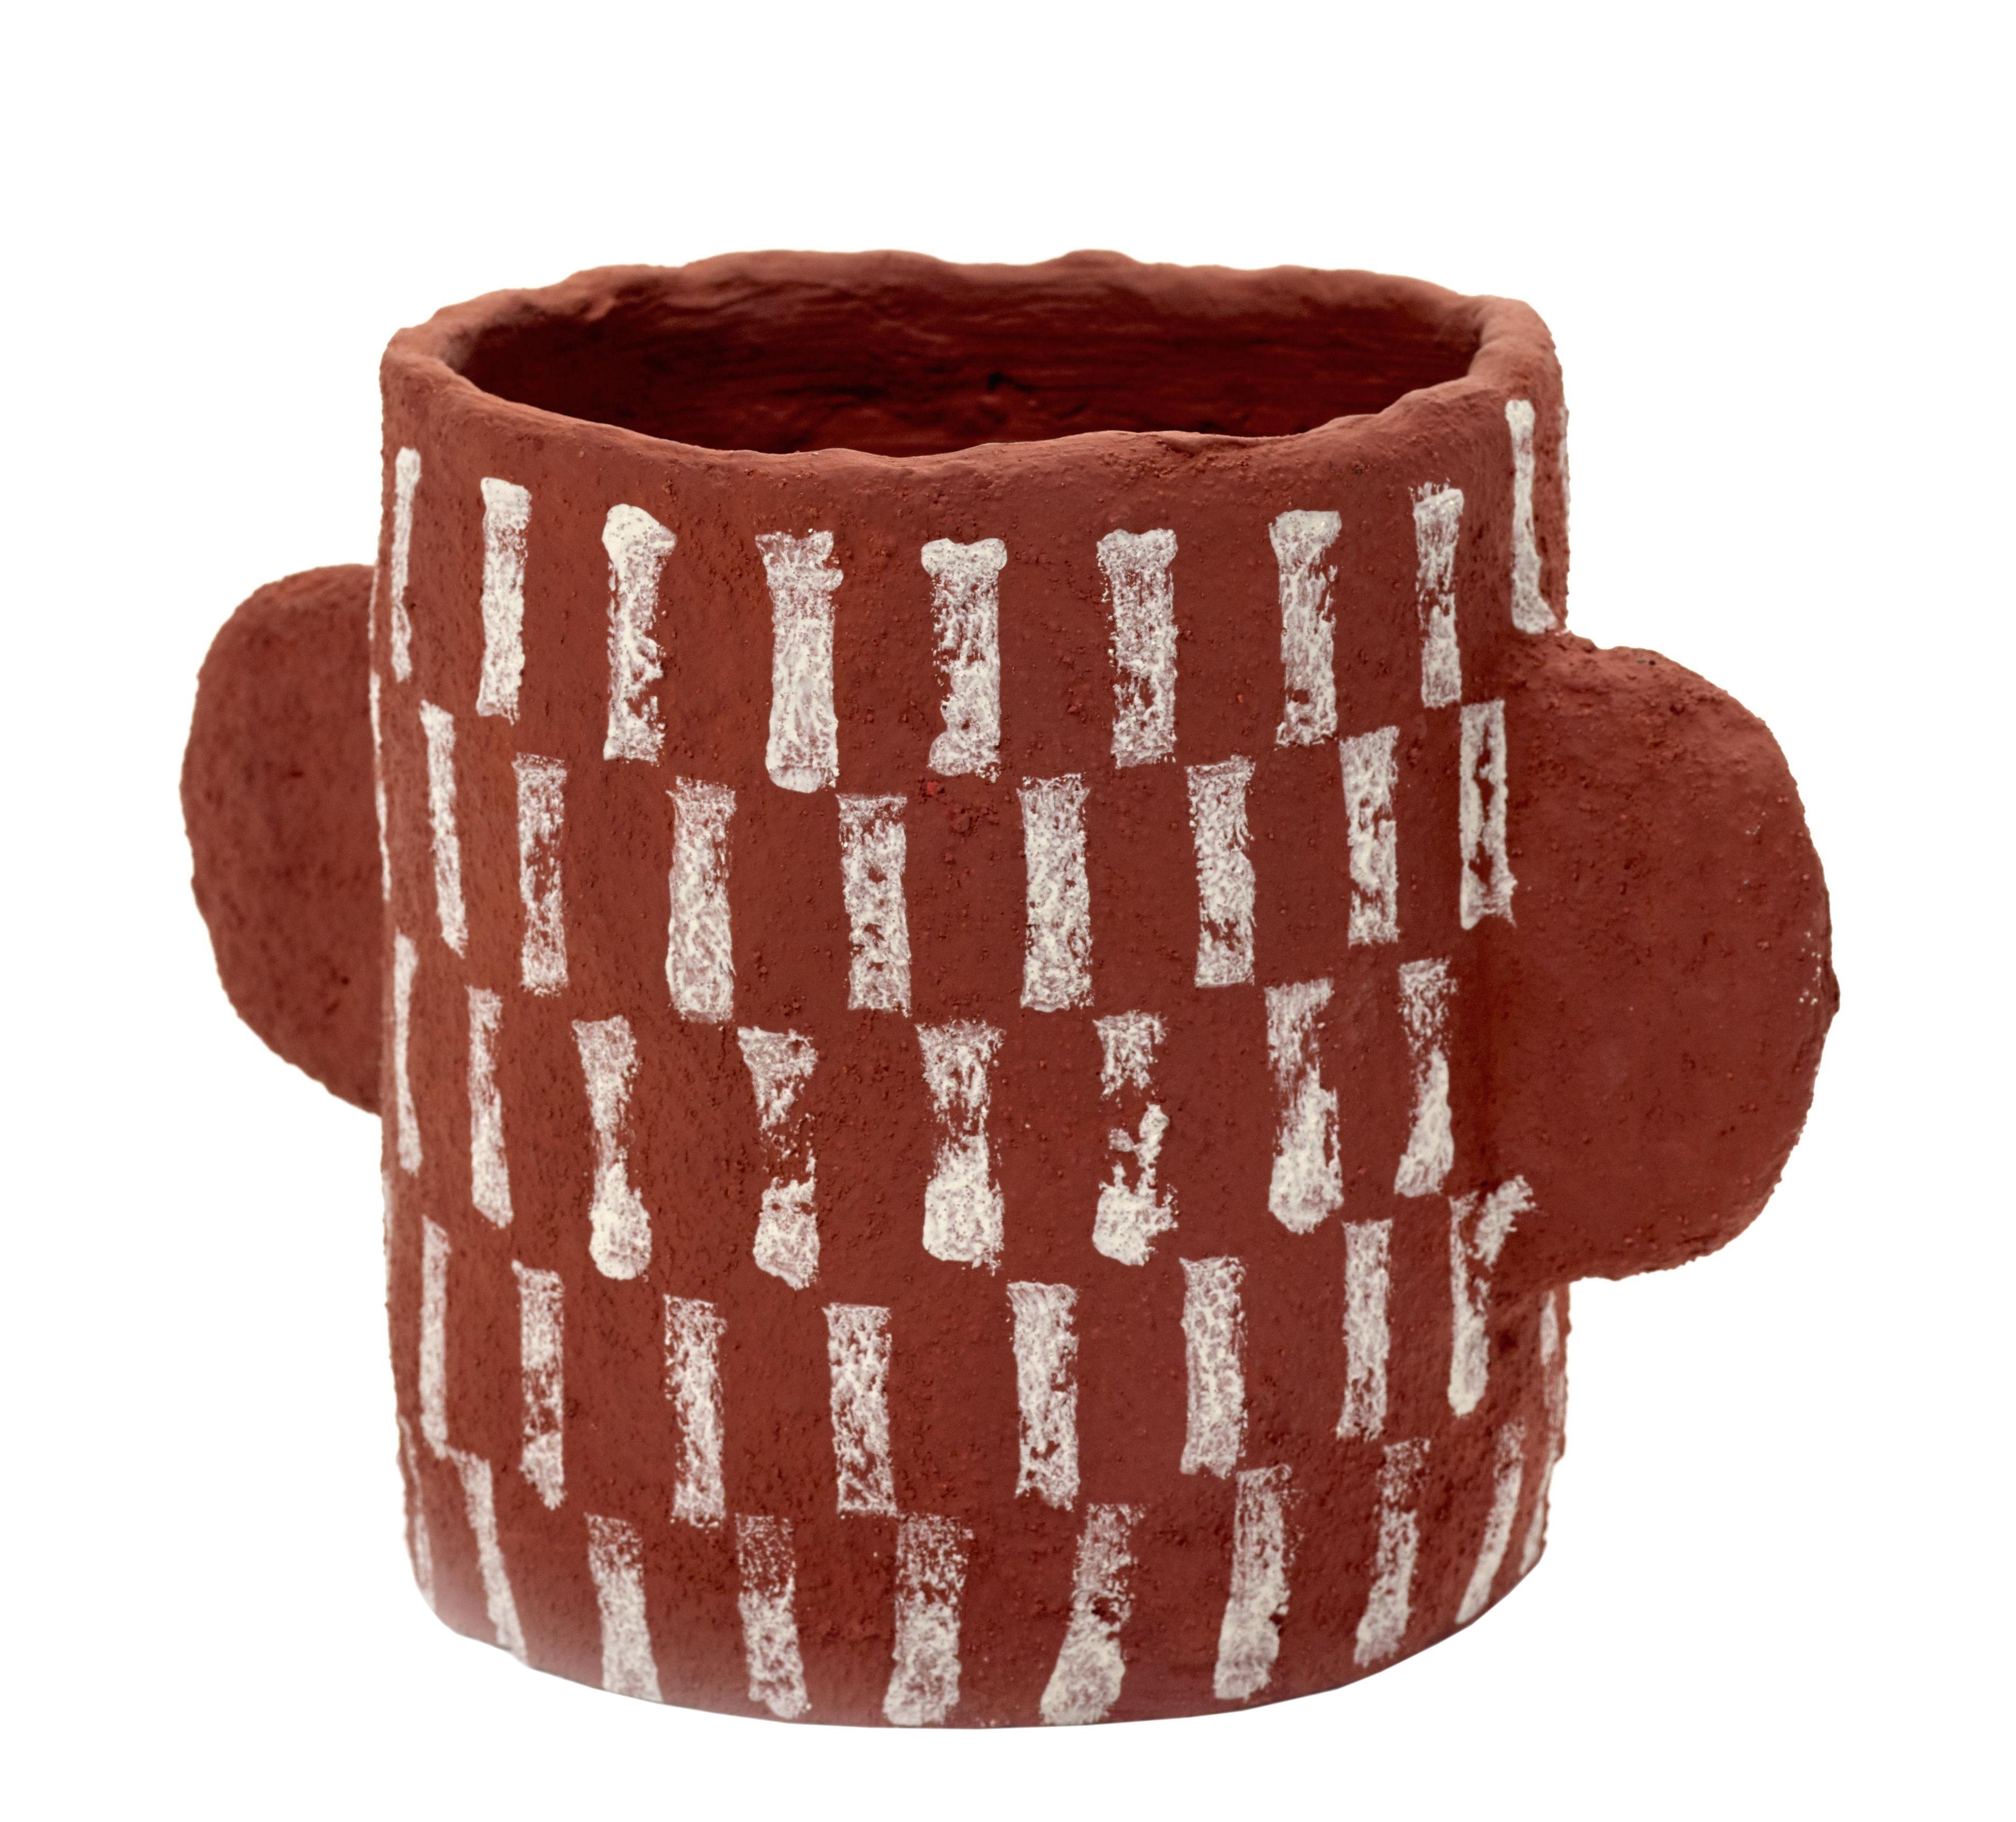 Decoration - Flower Pots & House Plants - Marie Pot - / Papier recyclé by Serax - Rouge / Motifs blancs - Recycled papier-mâché